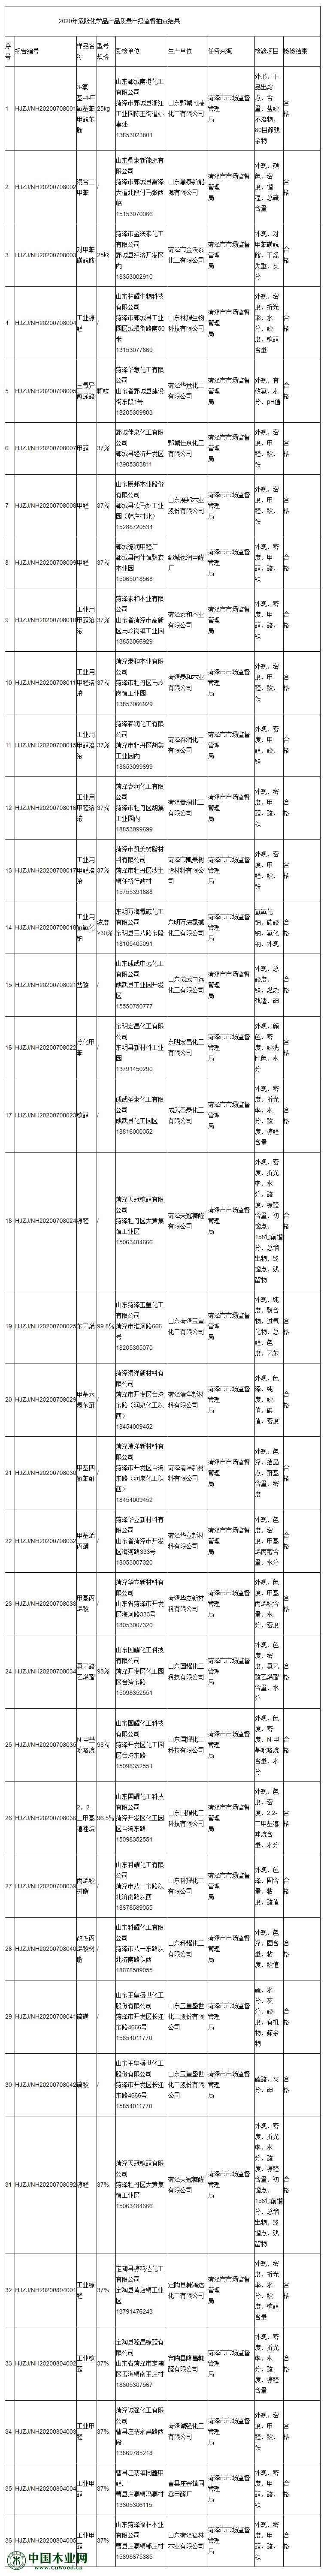 山东菏泽福林木业、菏泽玉皇化工、庄寨镇同鑫甲醛厂等36家化工企业抽查结果公布